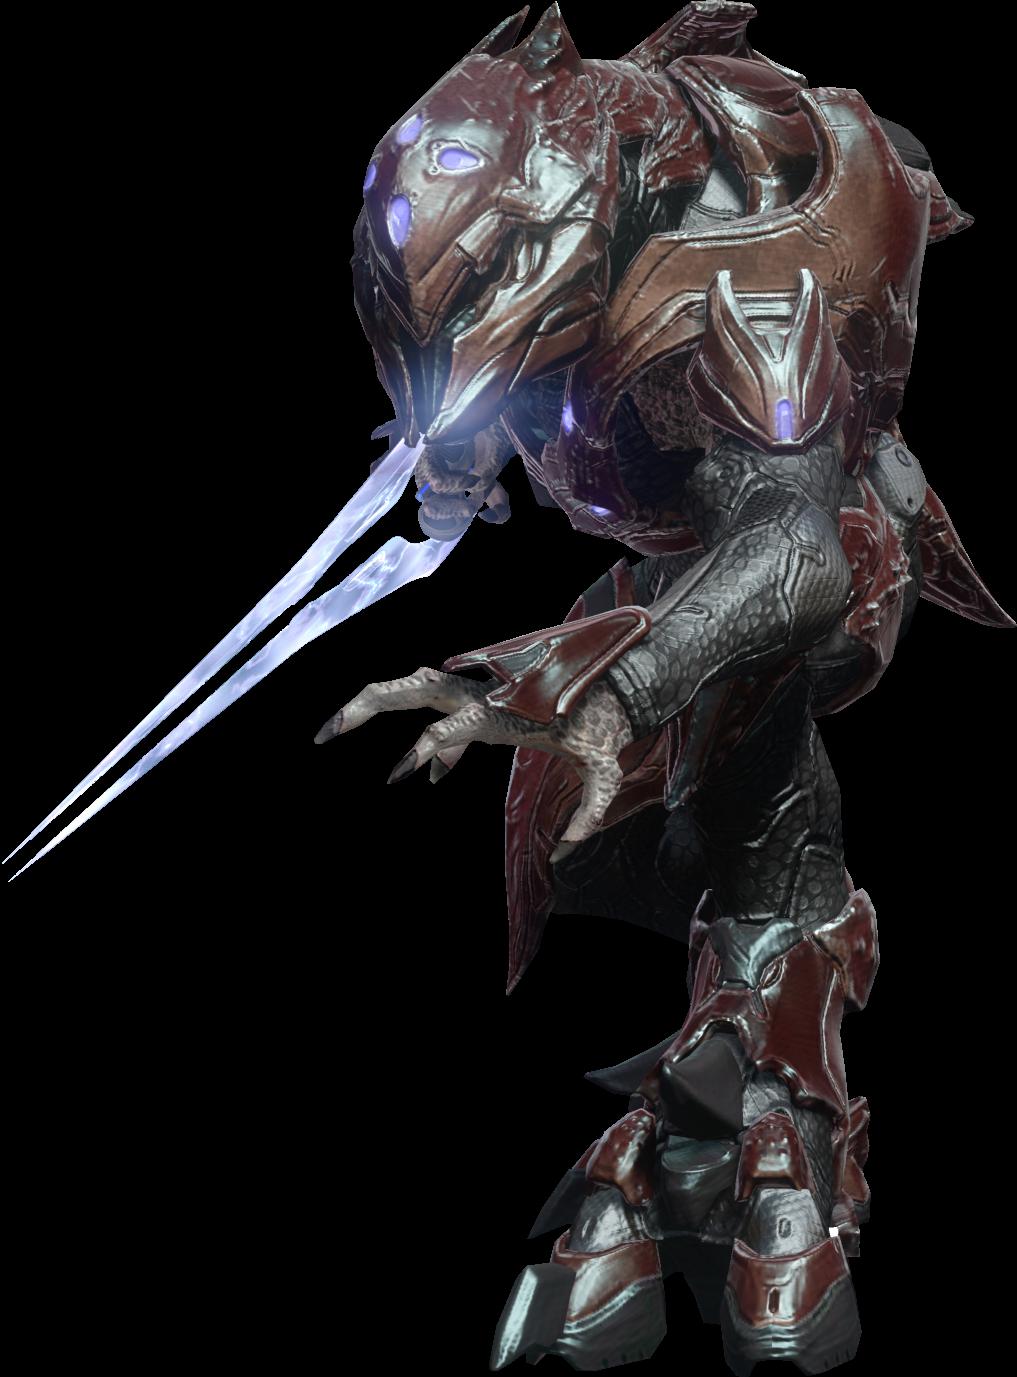 Halo 4 bad matchmaking